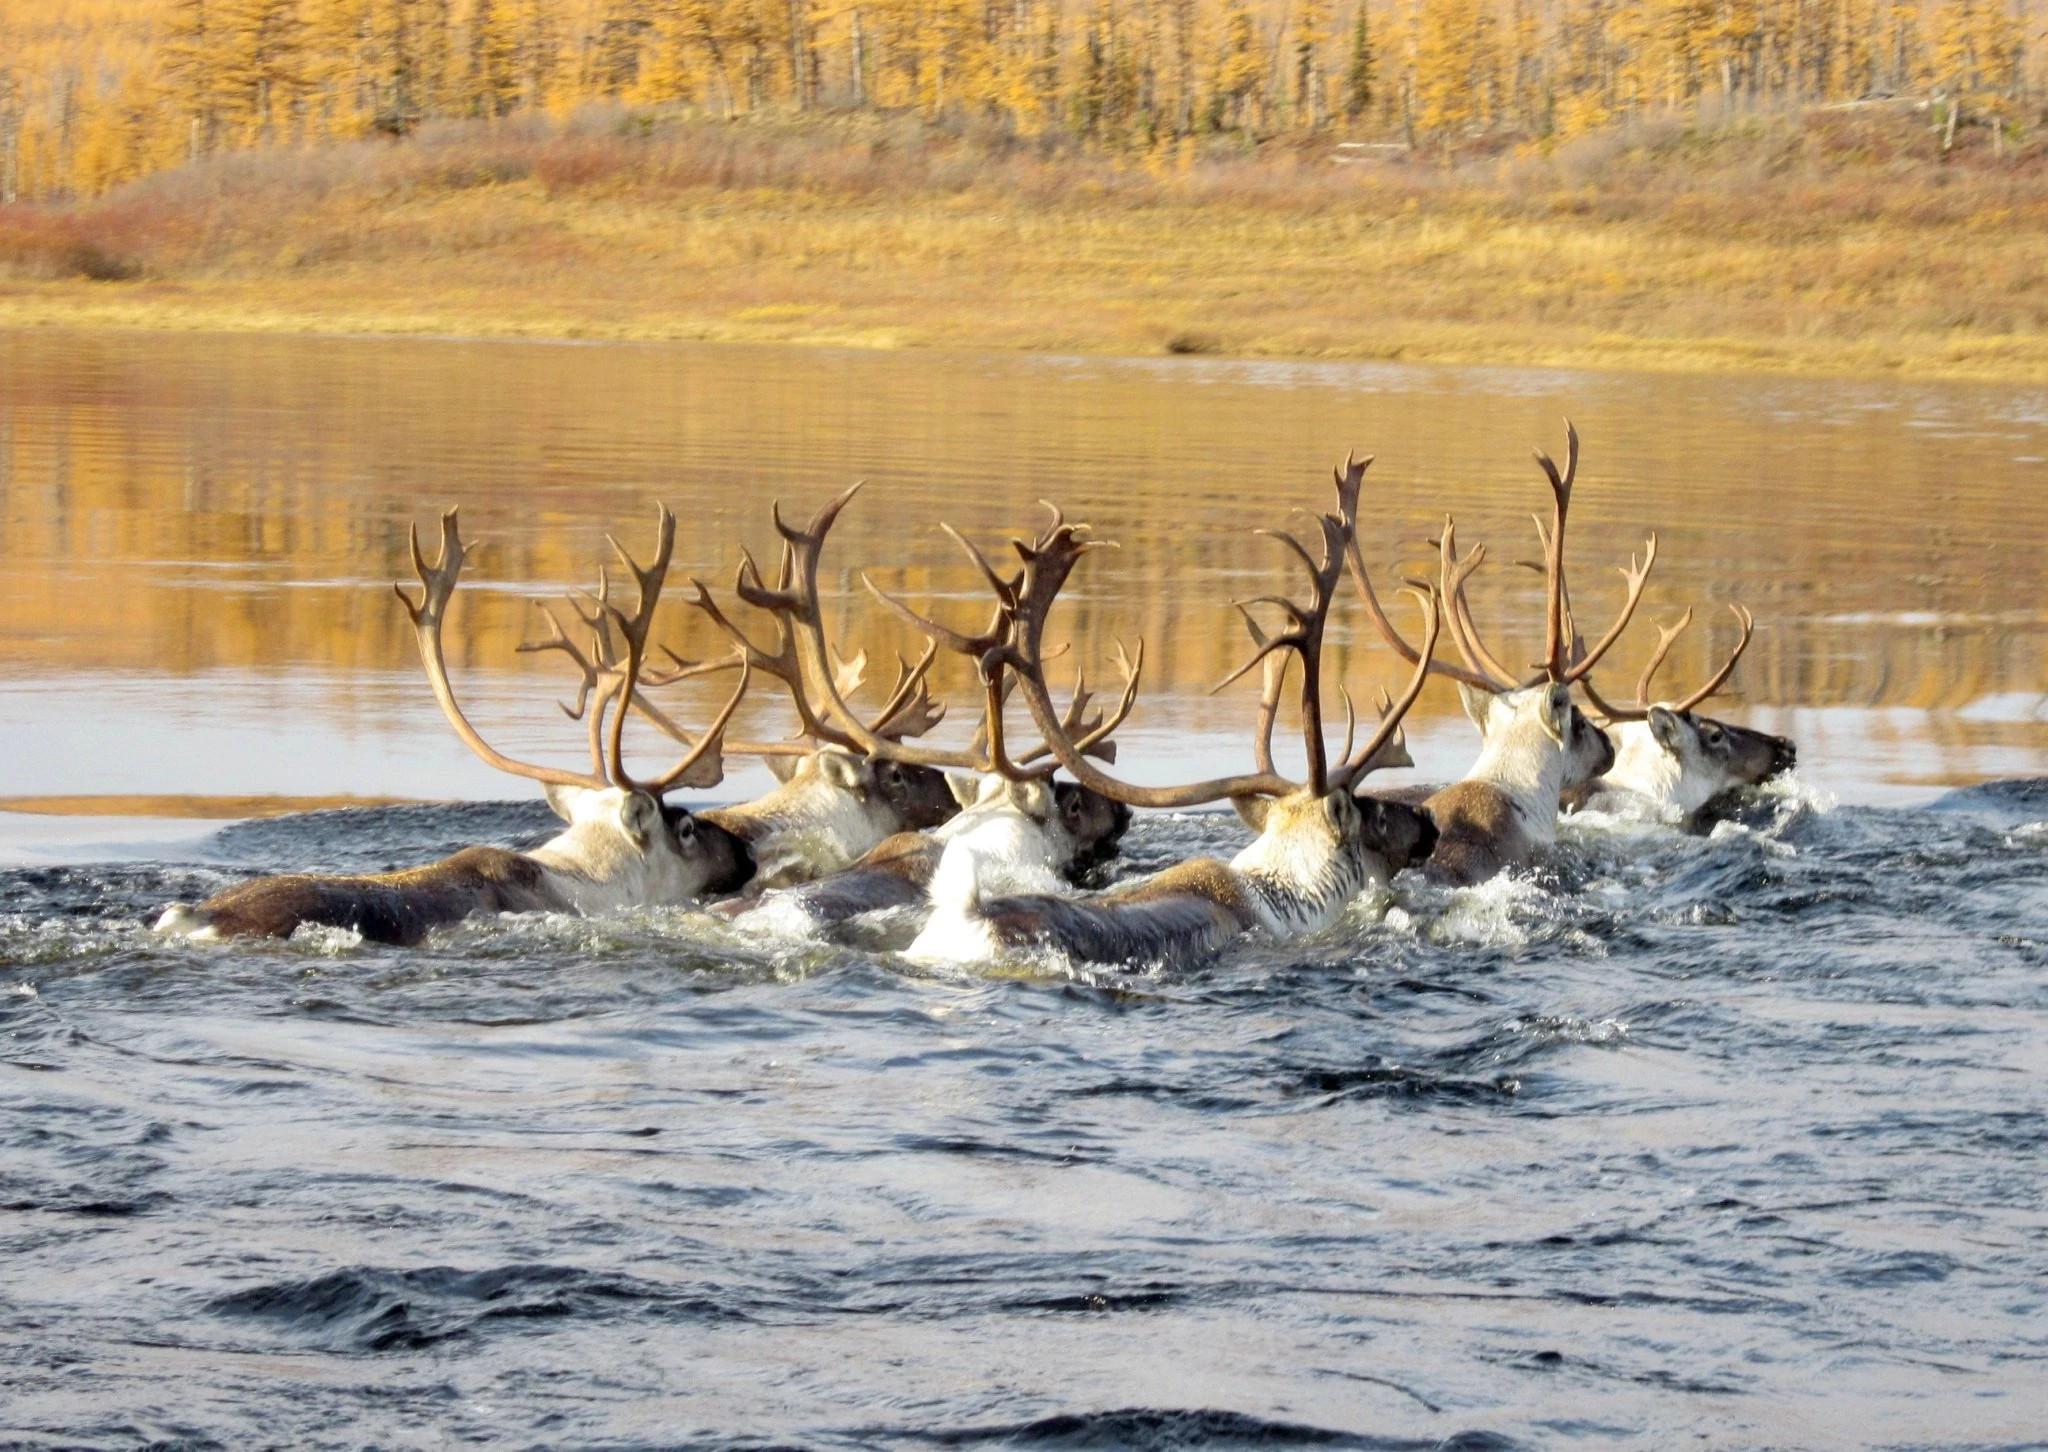 雅库特自然公园里正在游泳的驯鹿